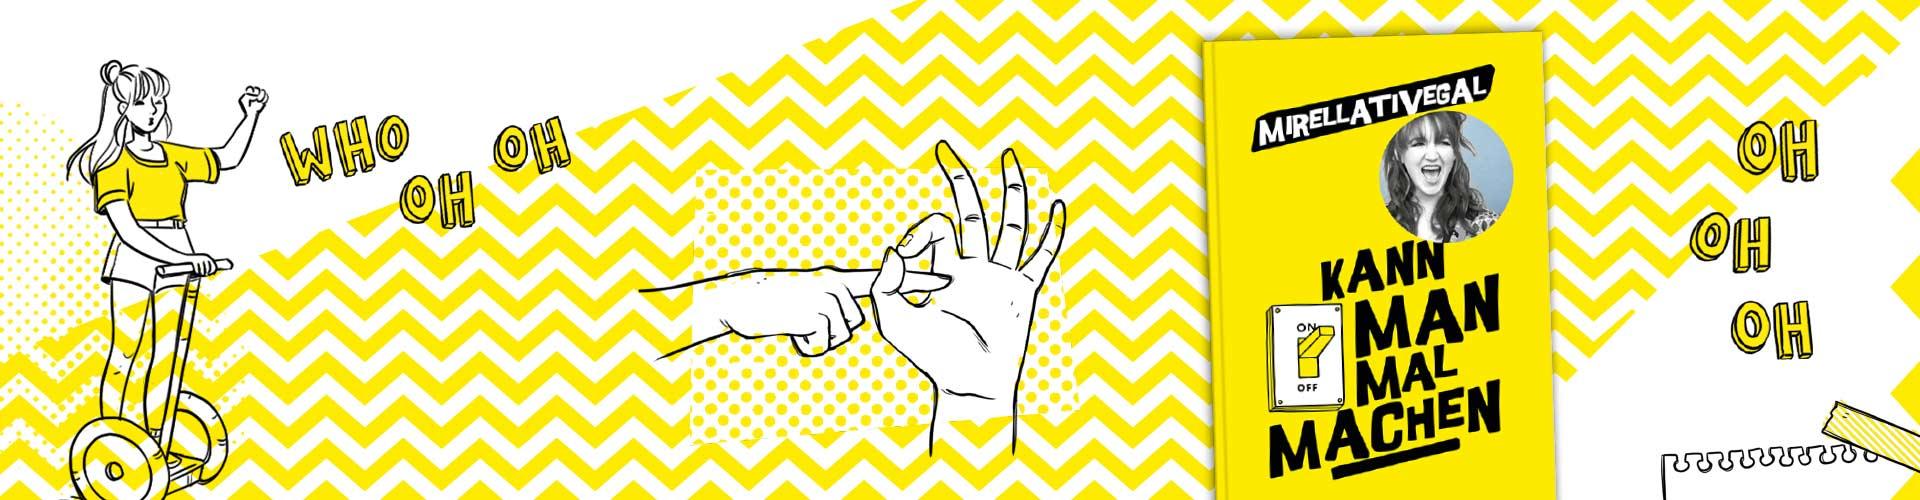 Header mit Zeichnung von Mirellativegal